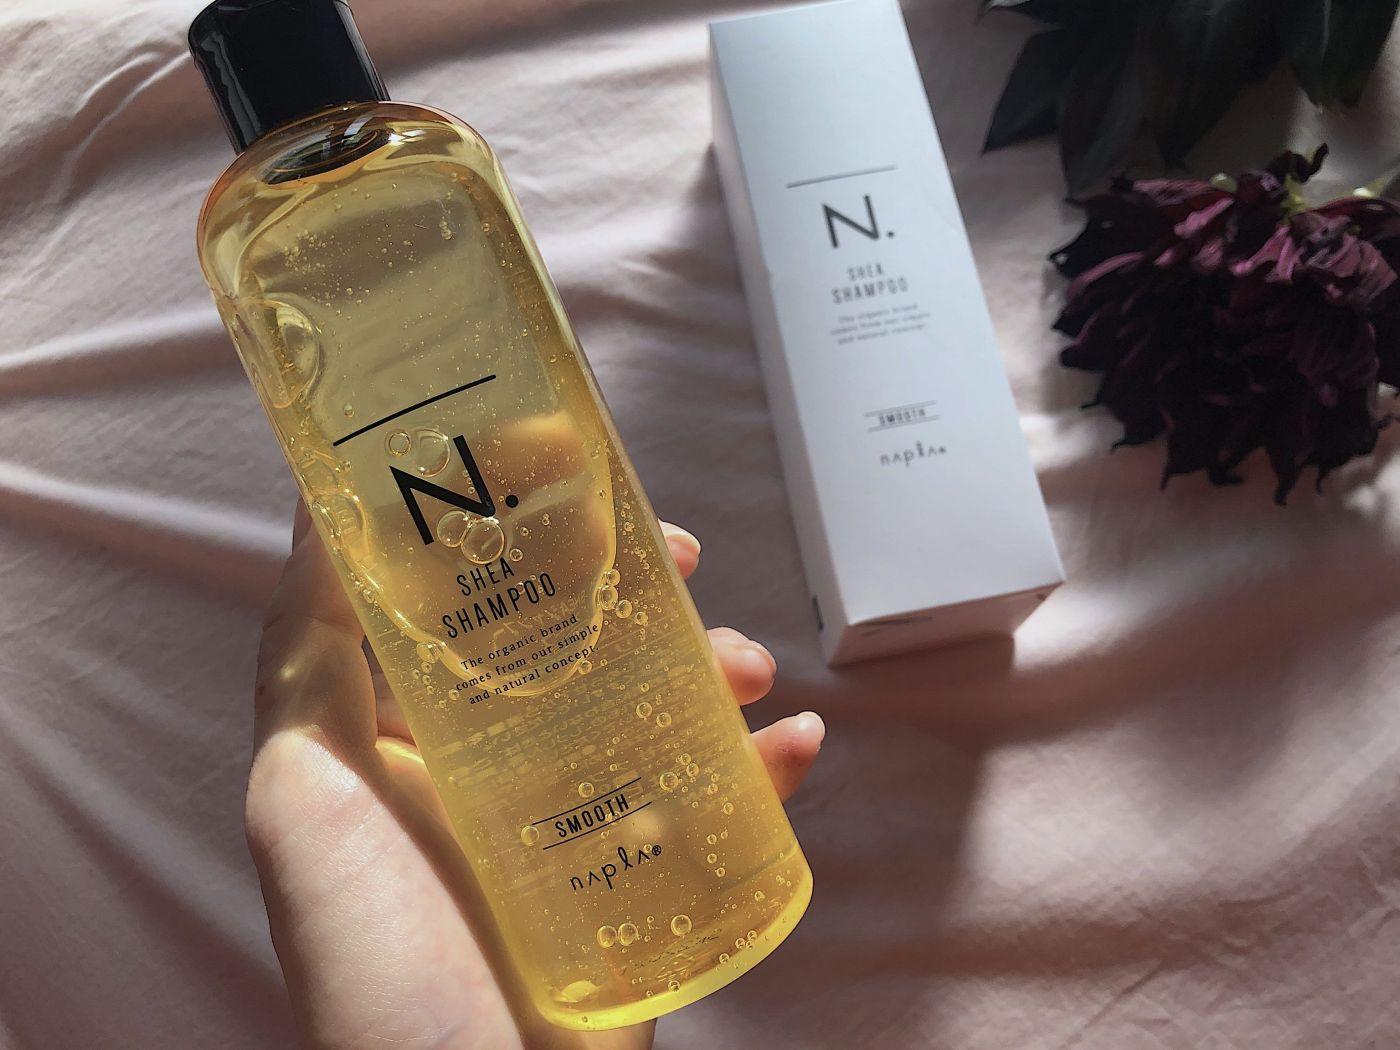 shampoo -モイスト-